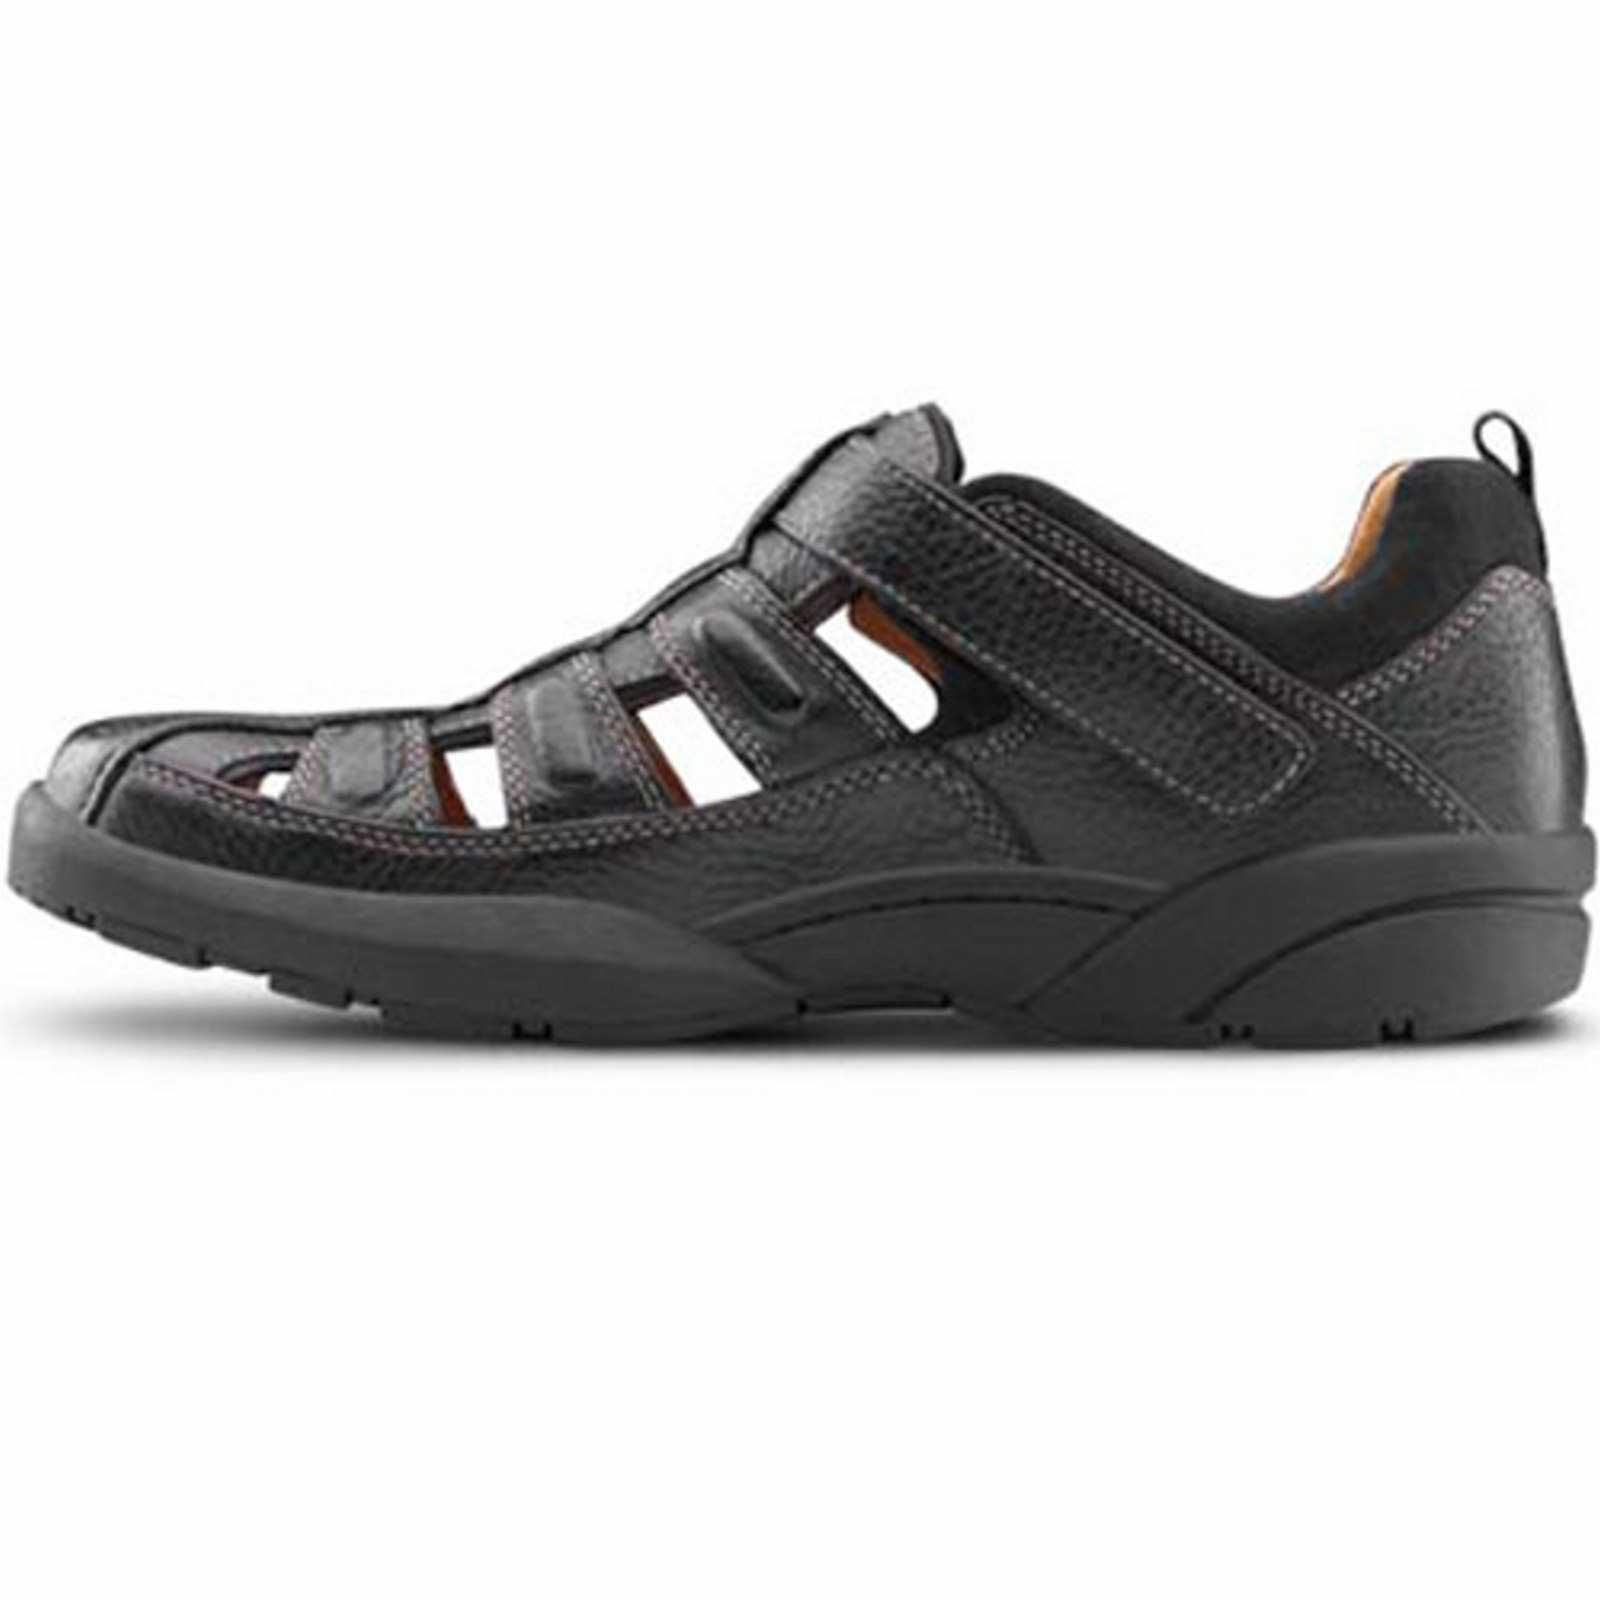 ab8e1683b265 ... Dr. Comfort - Fisherman - Sandal